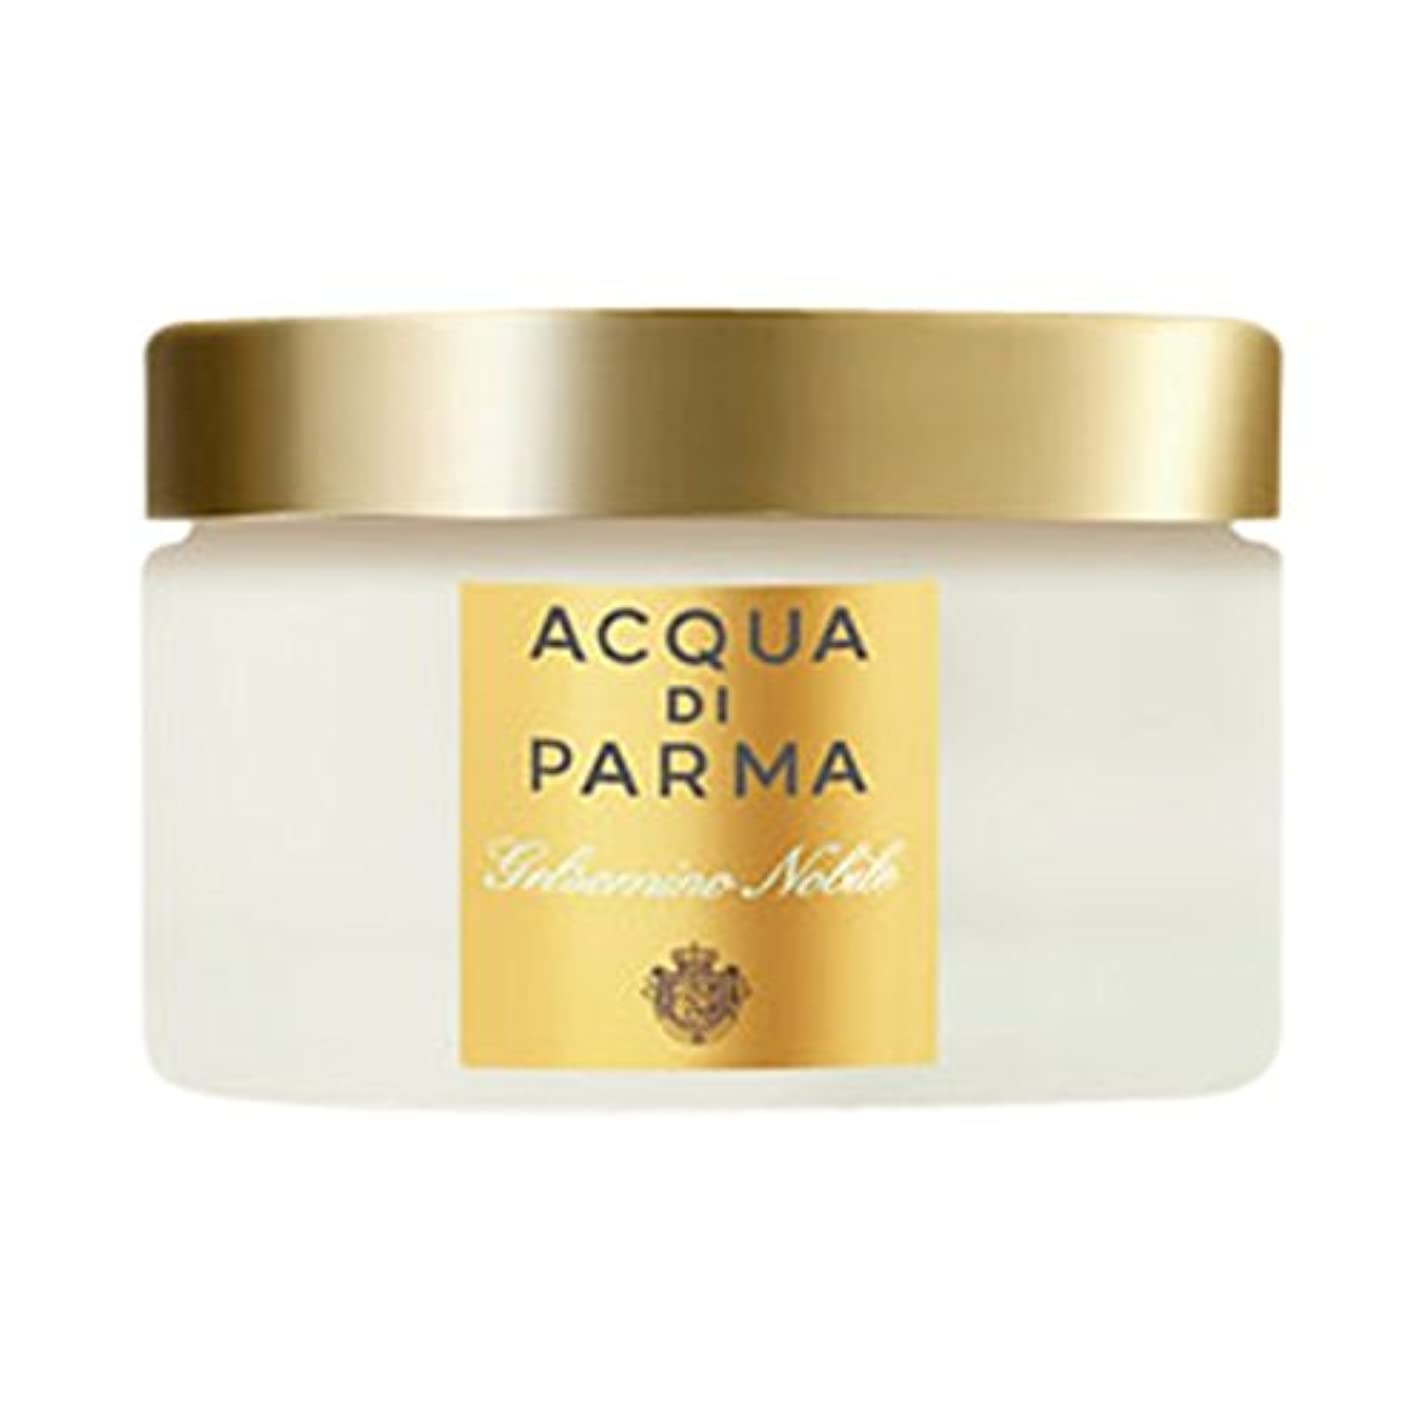 シエスタパノラマクラブアクア?ディ?パルマGelsominoノビルボディクリーム150ミリリットル (Acqua di Parma) - Acqua di Parma Gelsomino Nobile Body Cream 150ml [並行輸入品]